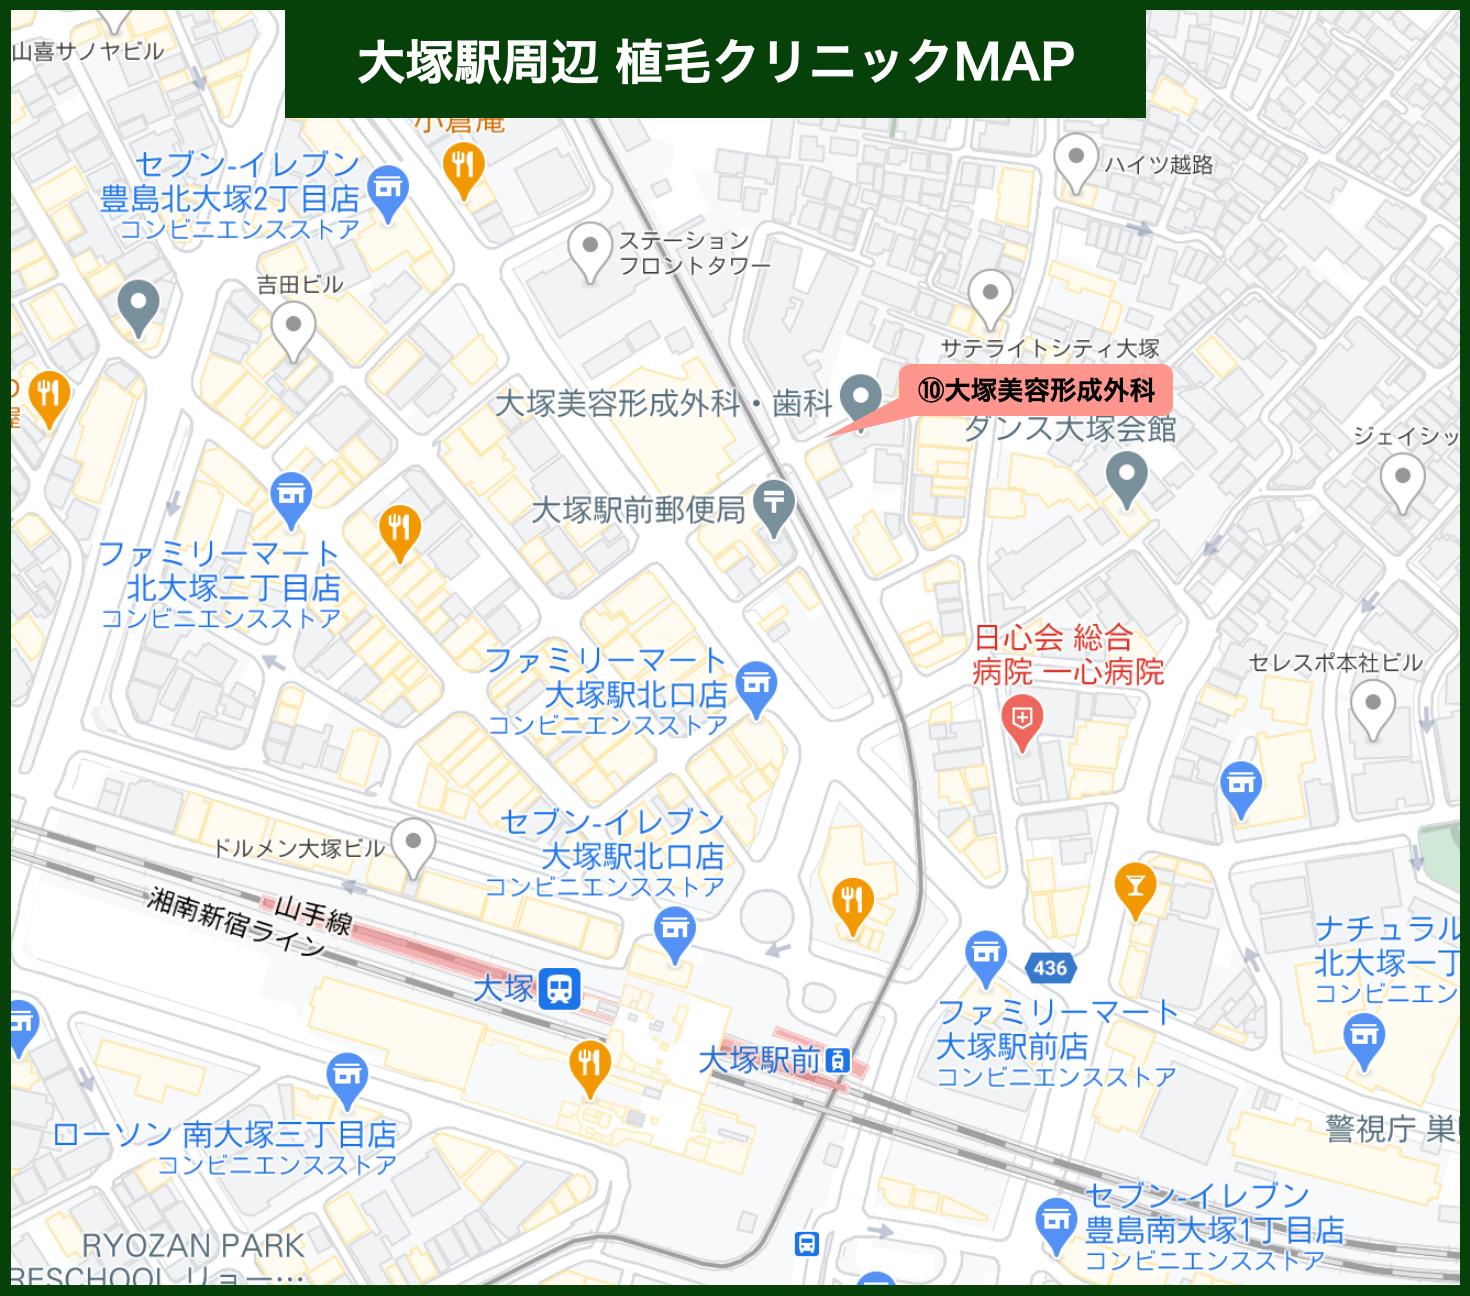 大塚駅周辺植毛クリニックMAP(2021年版)